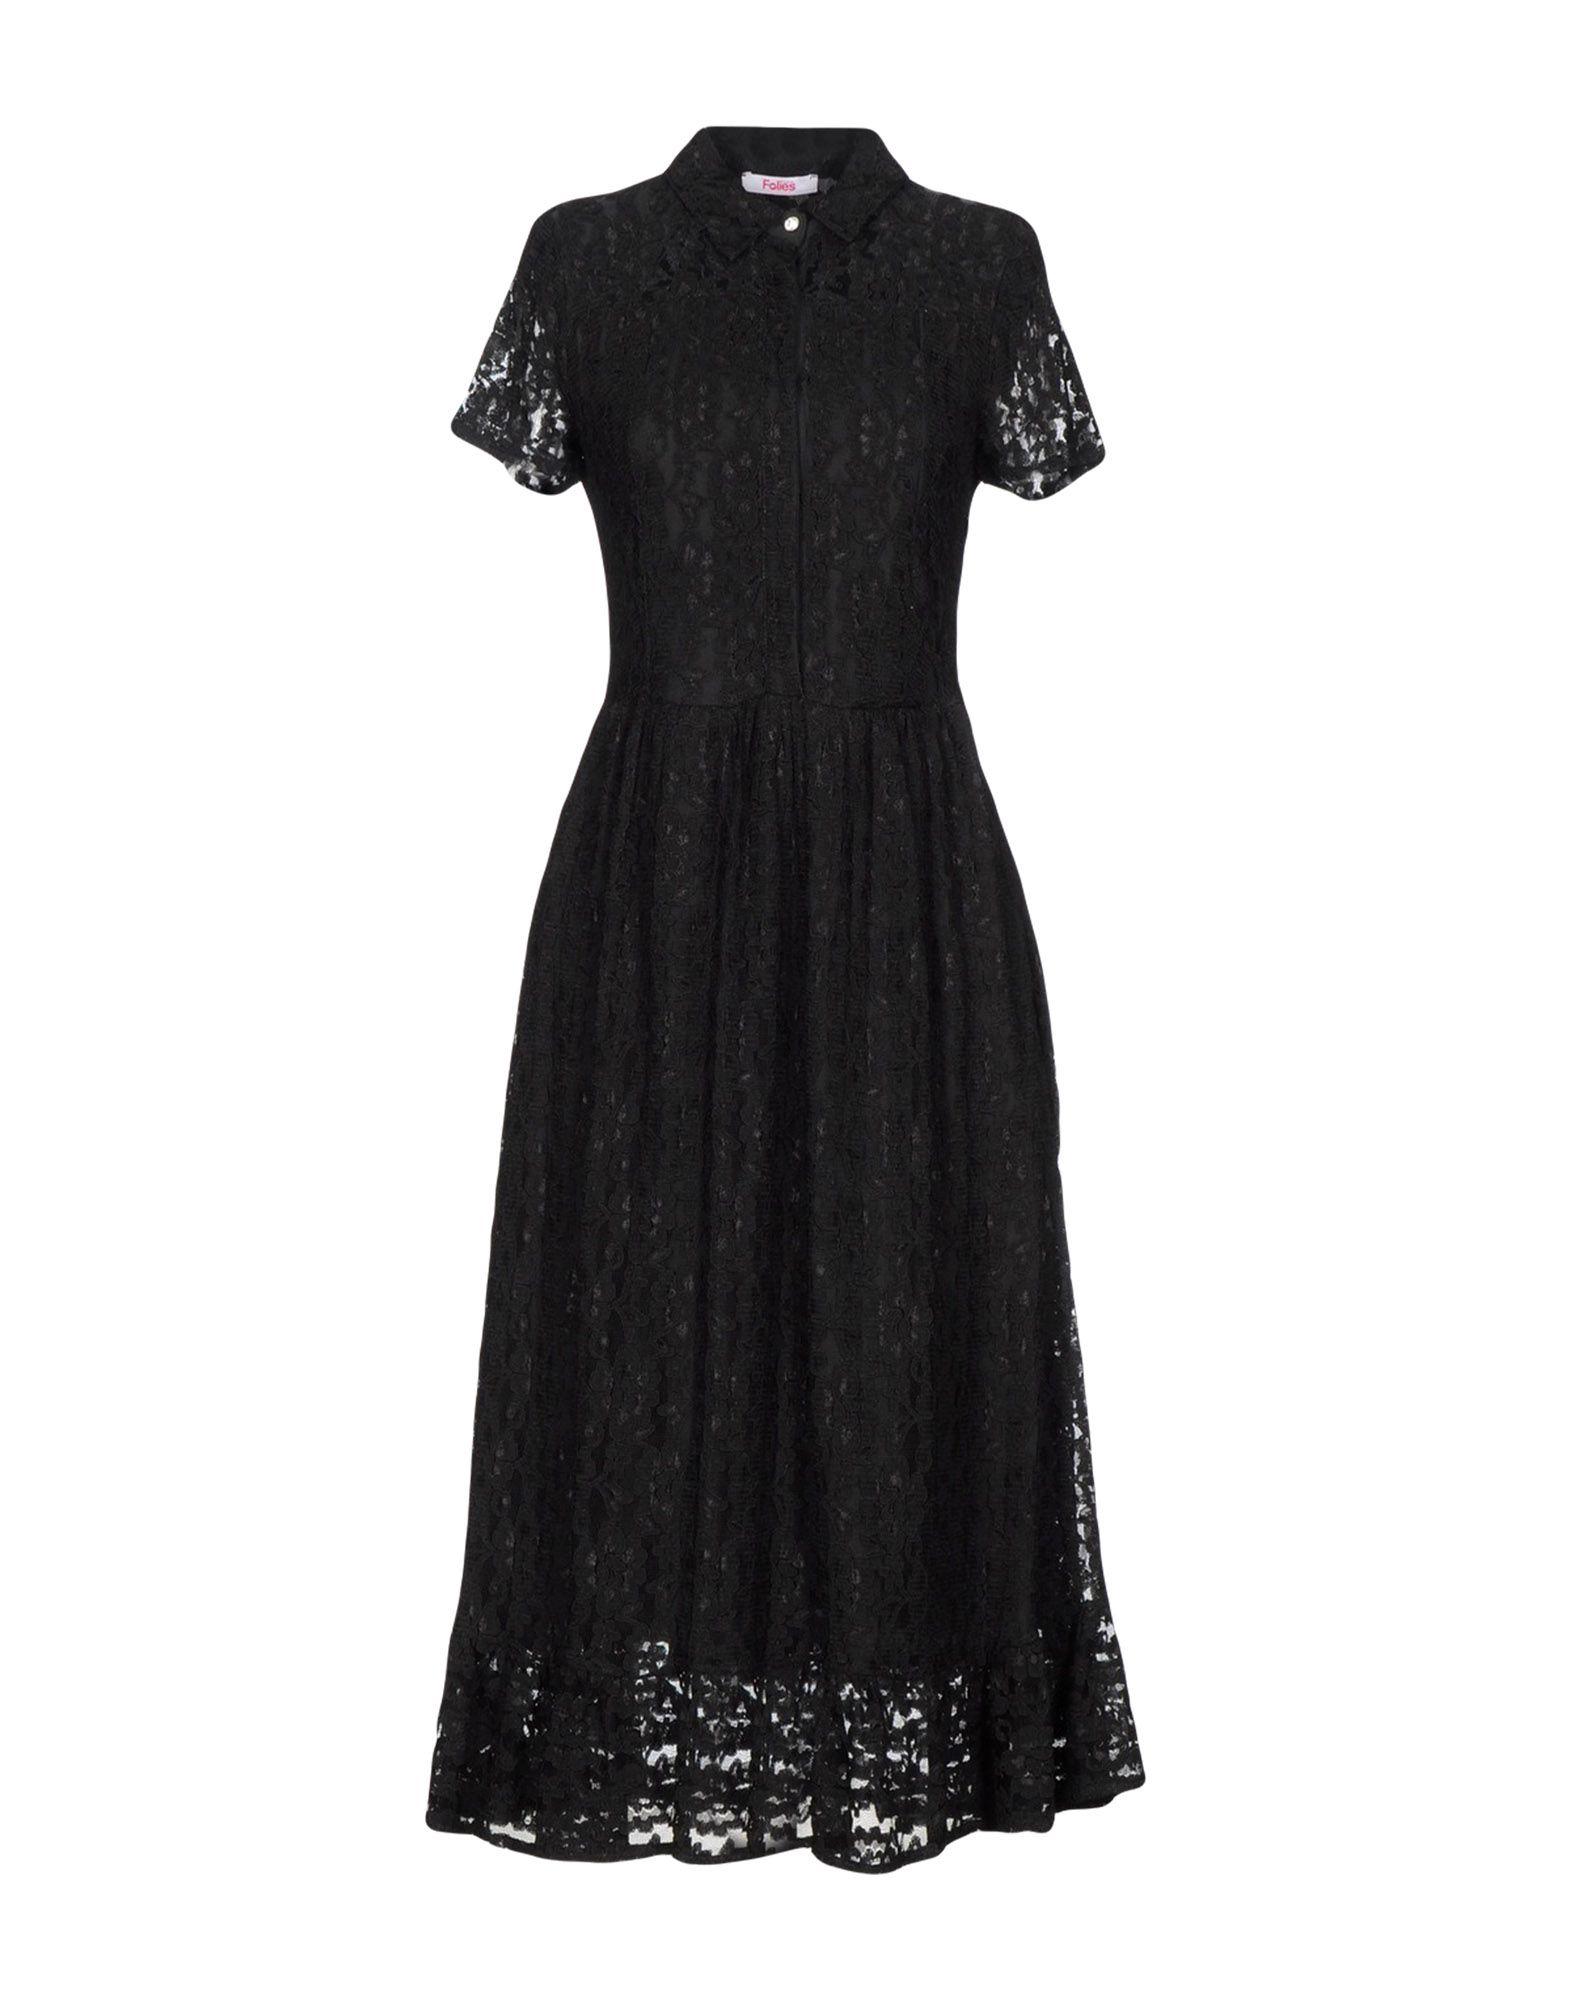 BLUGIRL FOLIES Платье длиной 34